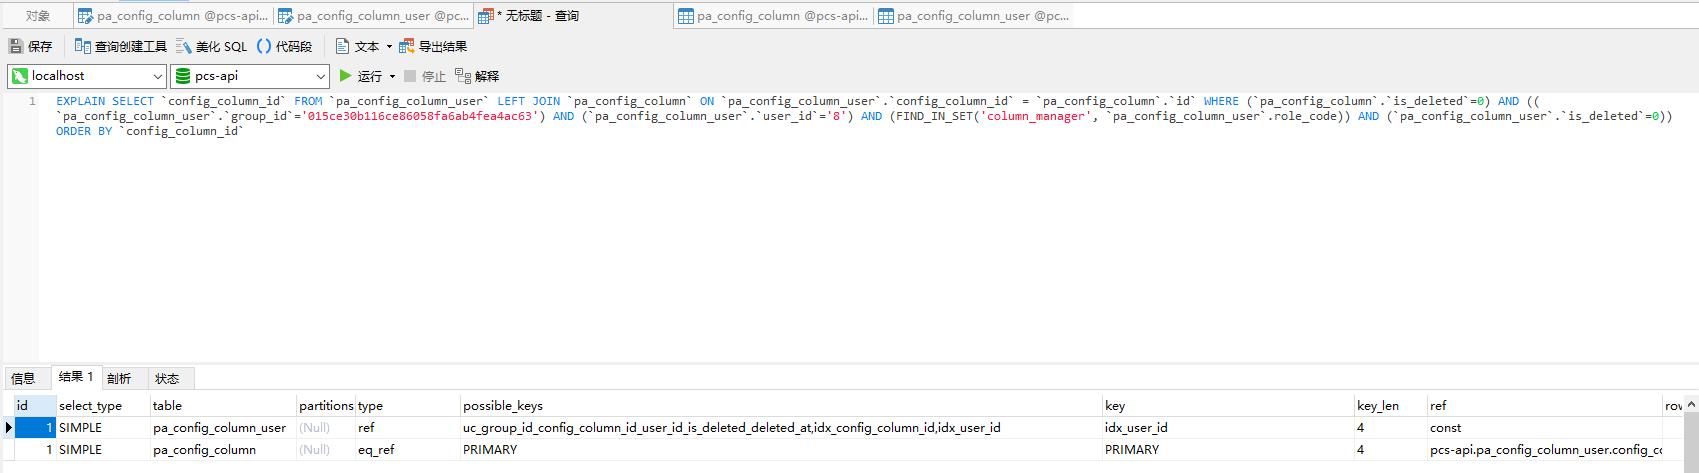 在使用 Multiple-Column 索引时,最左前缀原则,查询时必须使用索引的任何最左前缀字段,否则索引失效;并且应尽量让字段顺序与索引顺序一致 (1)例:如果(col1, col2, col3)上有 three-column 索引,则您已在(col1),(col1, col2)和(col1, col2, col3)上编制了索引搜索功能。此时无需添加索引(col1)和(col1, col2)。决定删除索引:idx_group_id